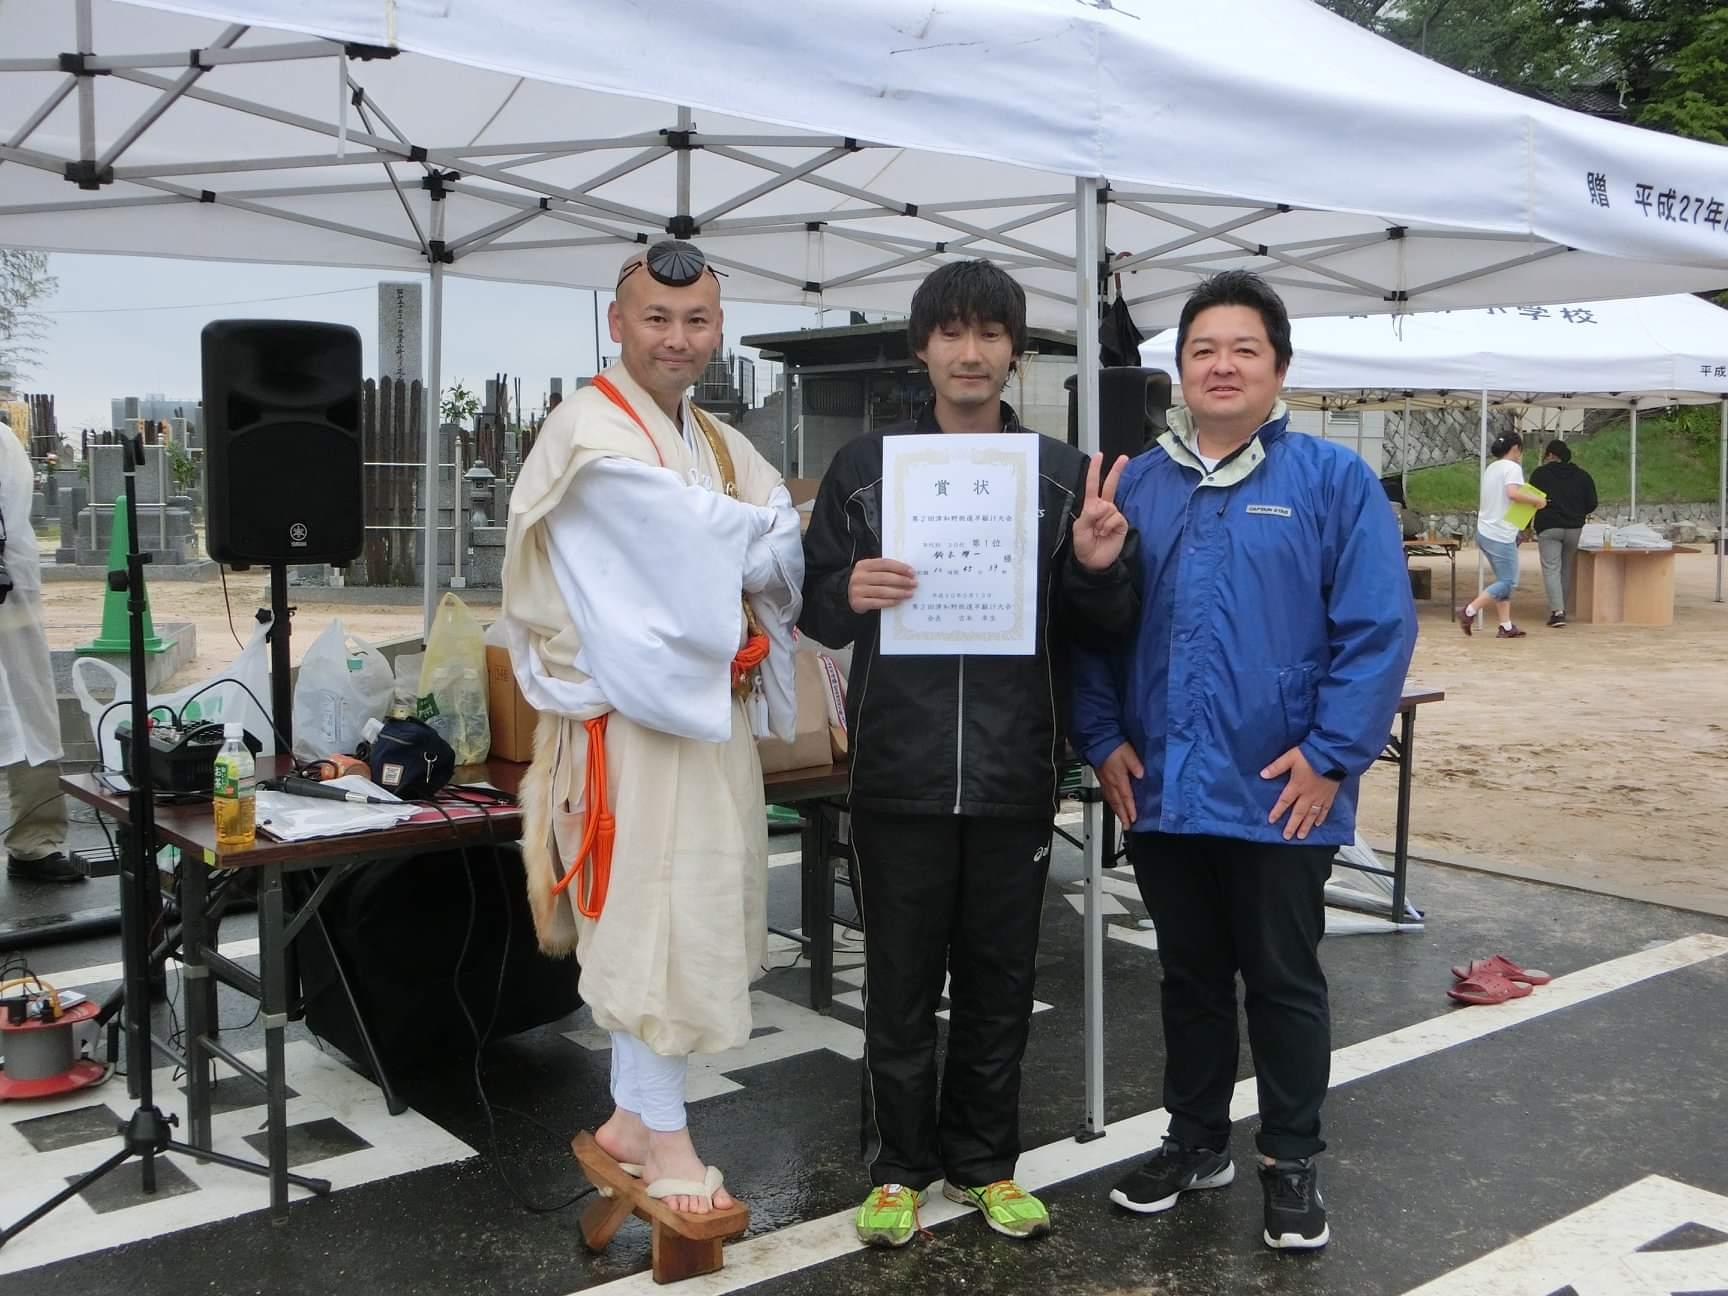 津和野街道早駆け大会完走記2018 島根県5つ目のウルトラマラソン